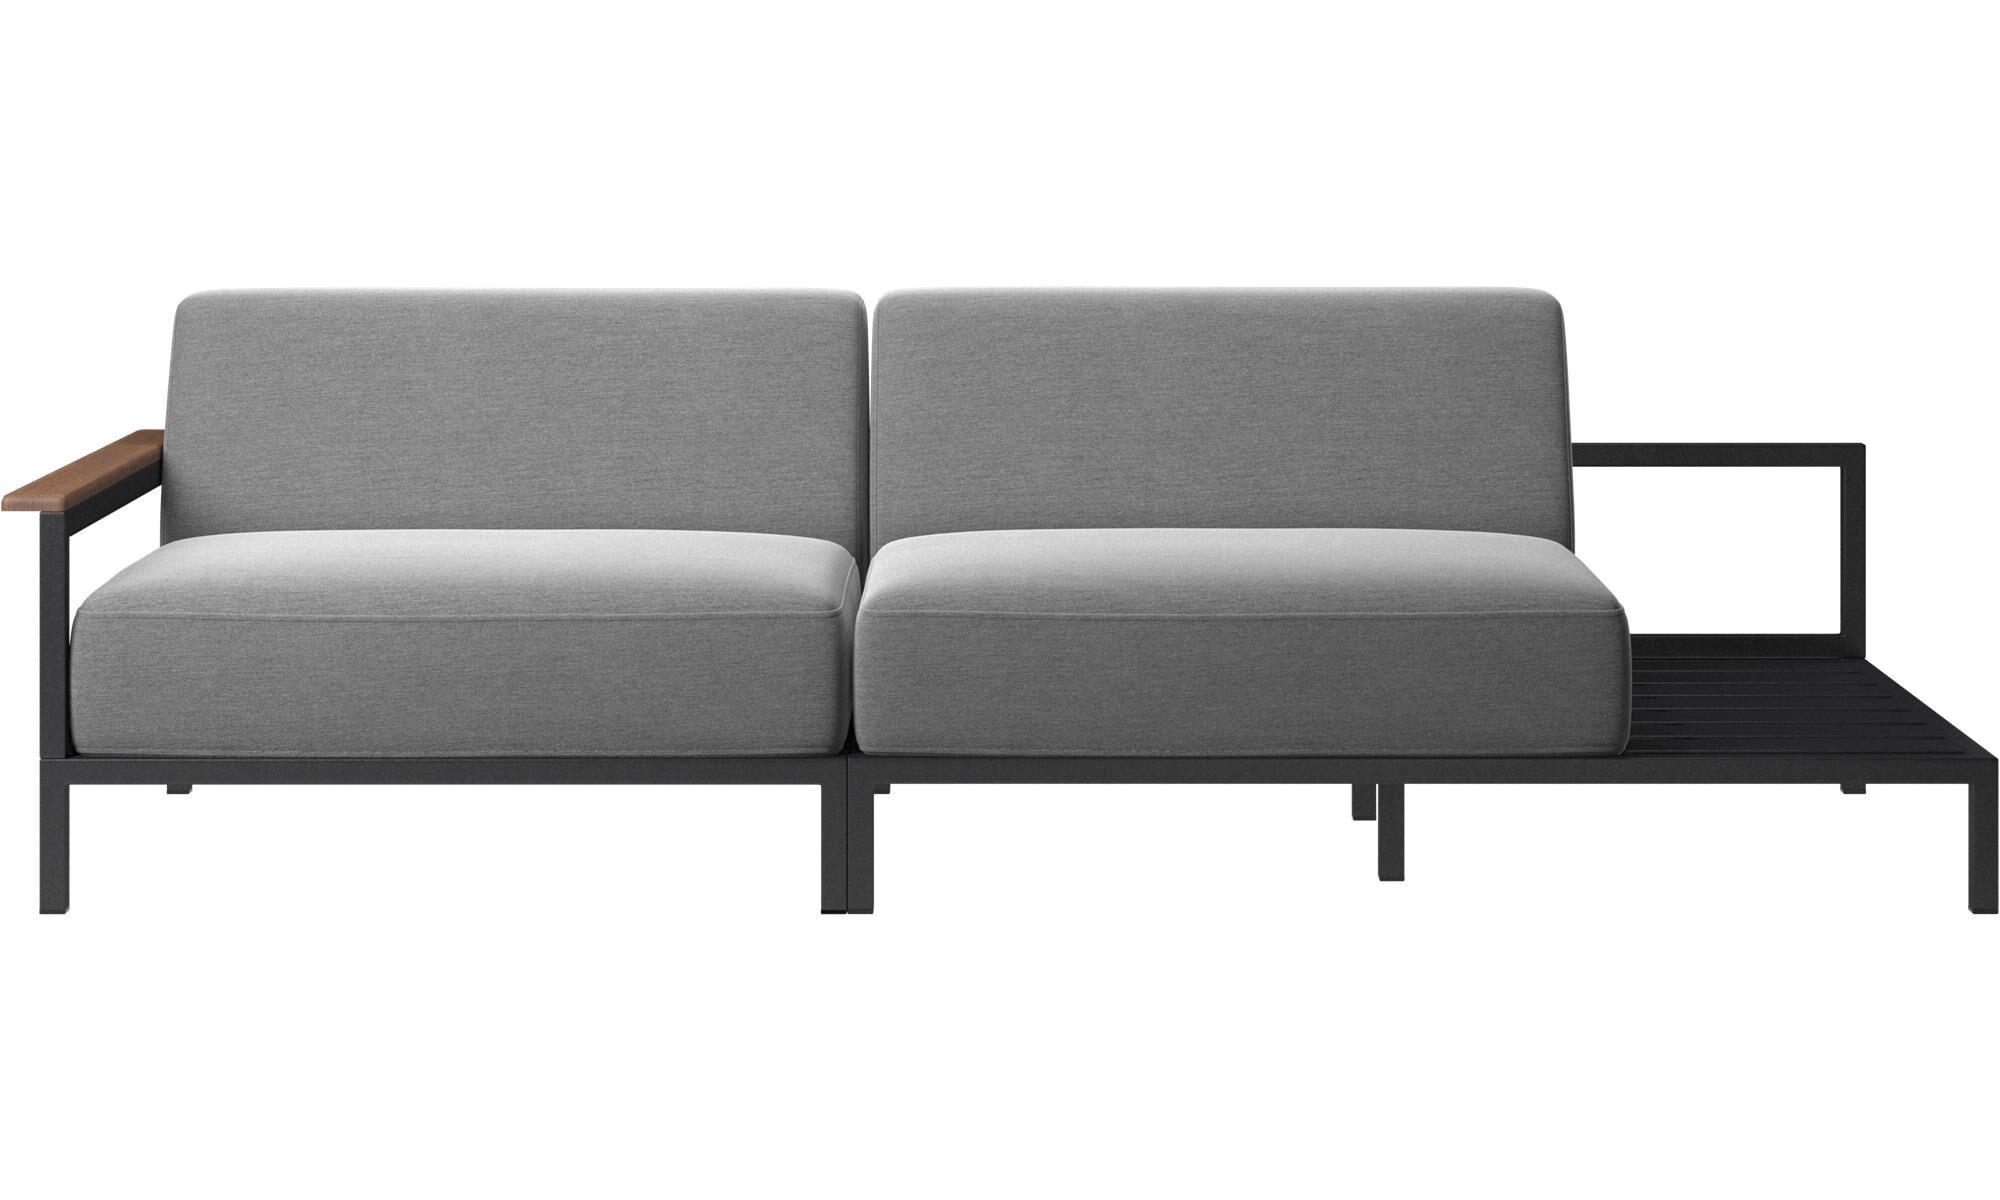 Modernes Design Von BoConcept